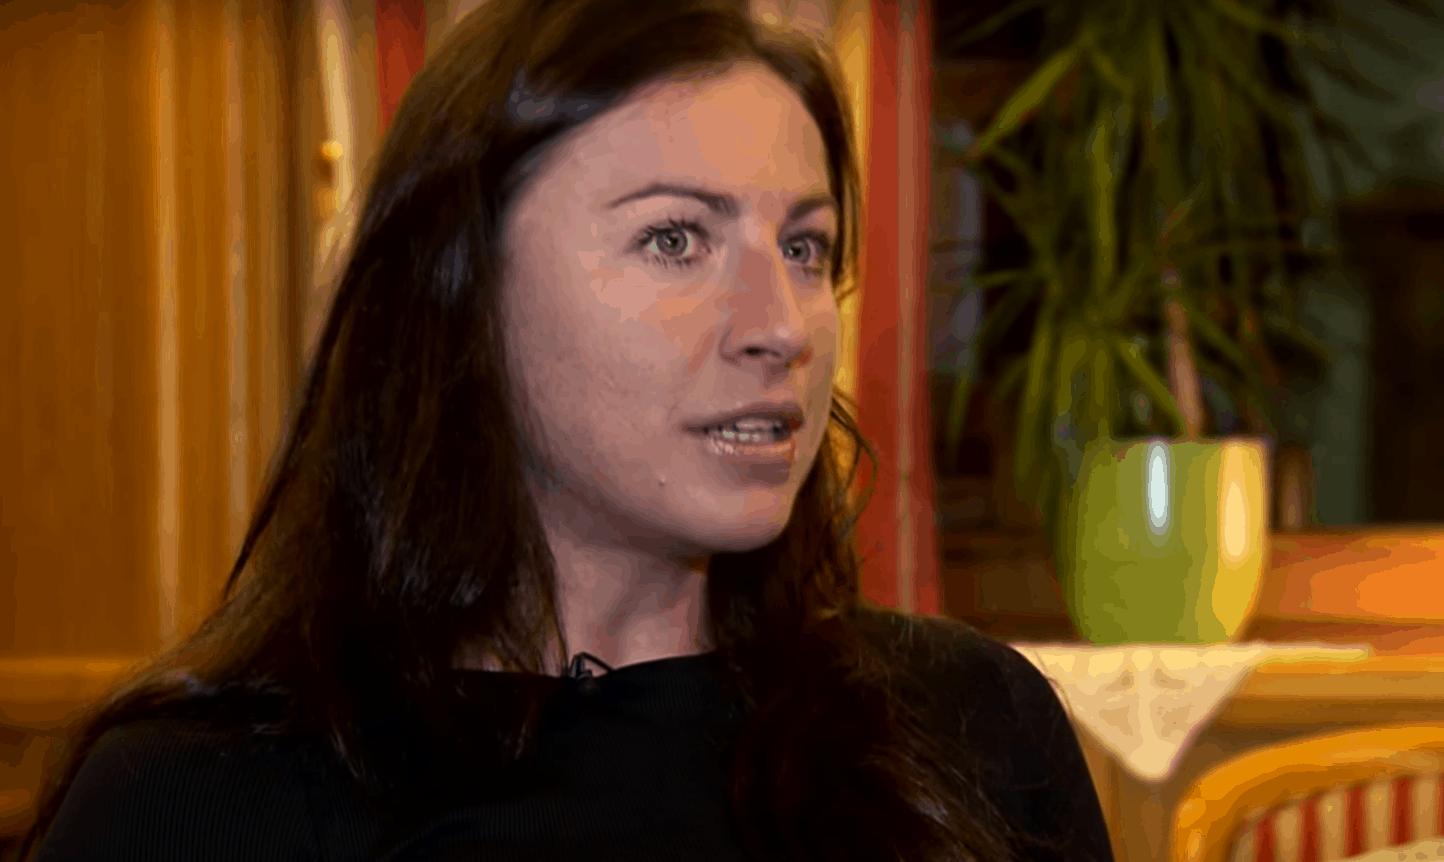 Śmiertelna choroba z jaką zmagała się Justyna Kowalczyk była tajemnicą, mistrzyni zdobyła się na wyznanie mówi o tym czym jest depresja i jak z nią wygrała